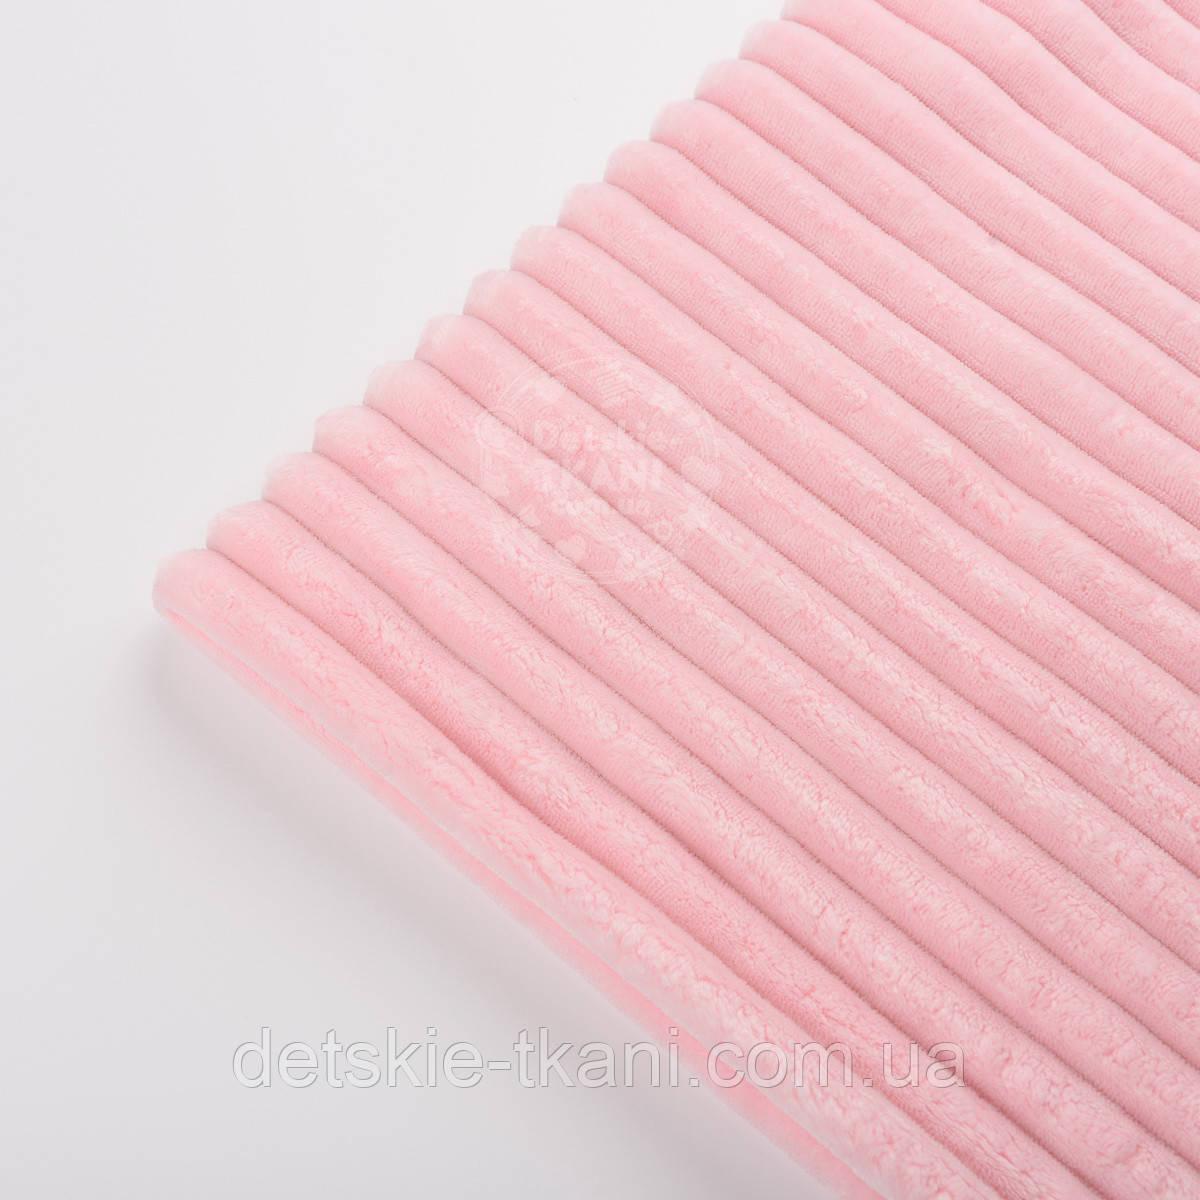 """Лоскут  плюша в полоску """"Stripes"""" светло-розового цвета, размер 20*160 см (есть загрязнение)"""